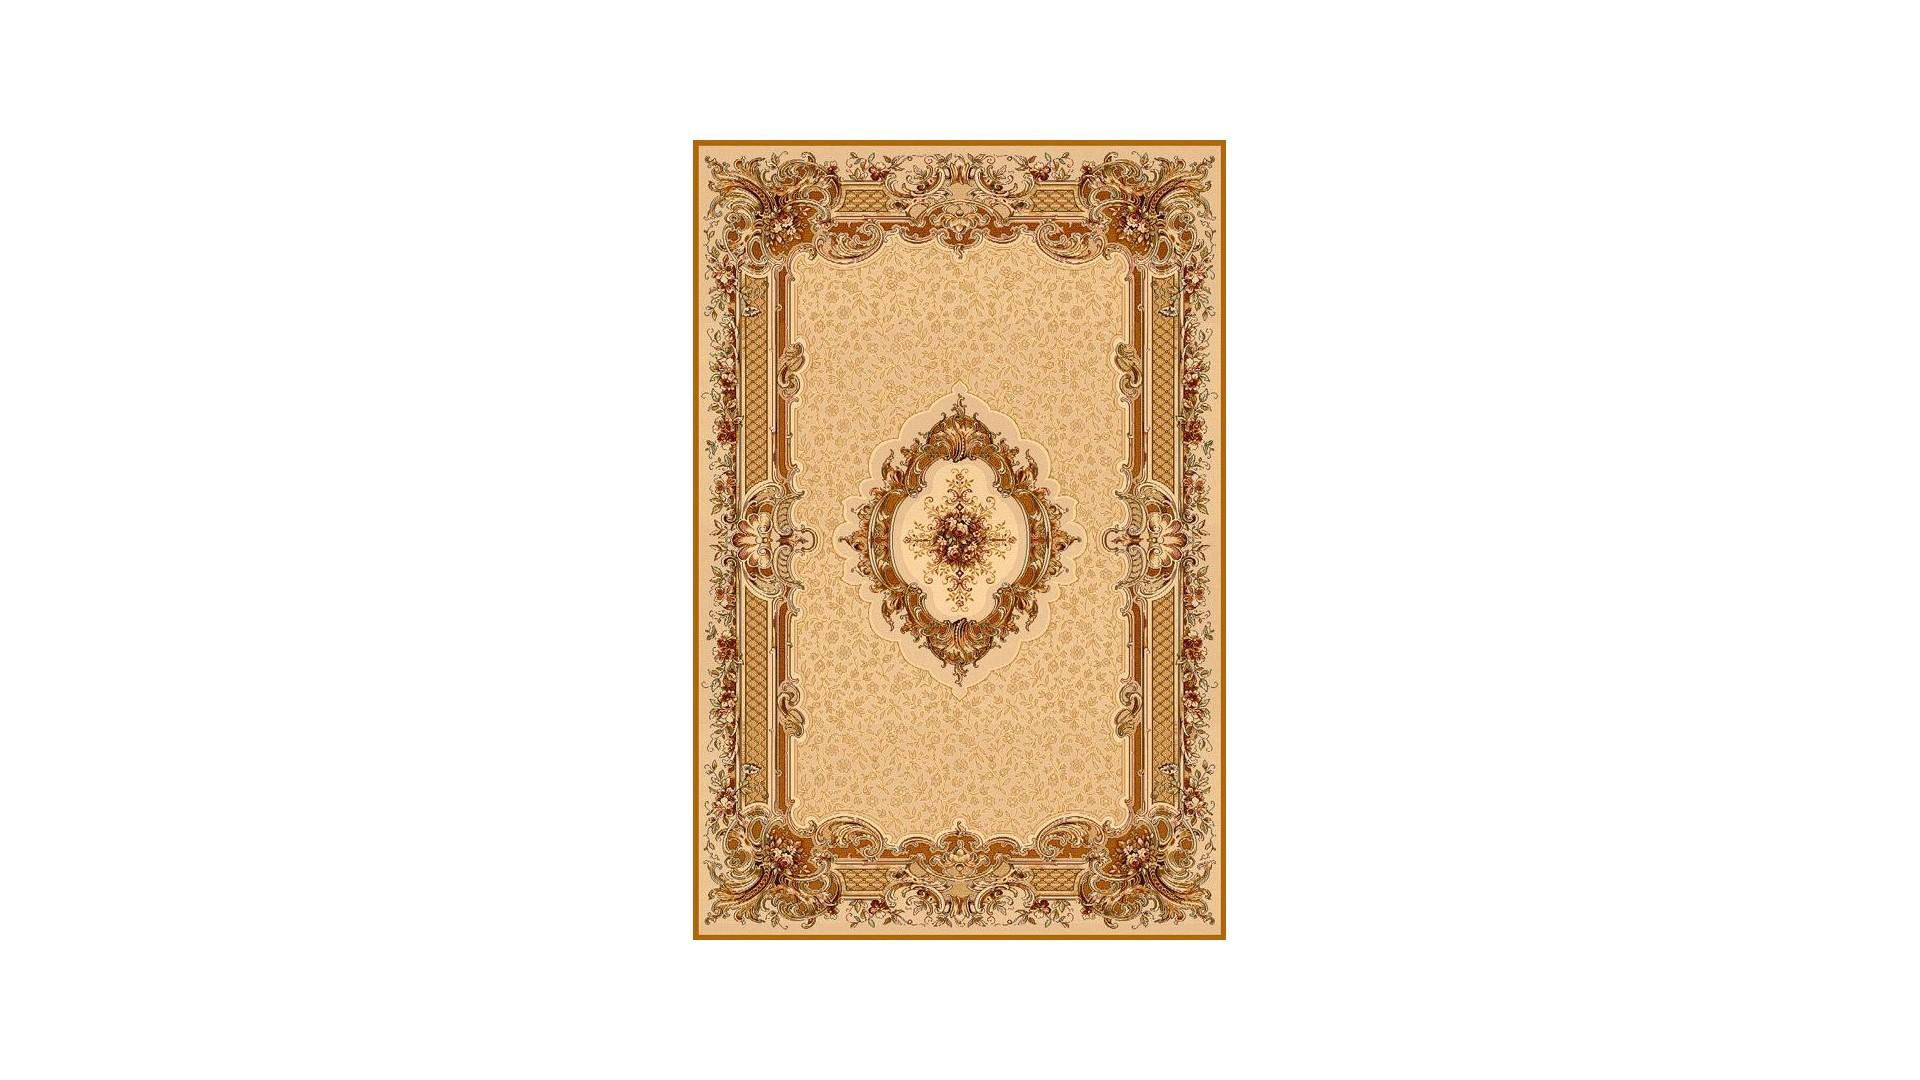 Elegancki wełniany dywan do salonu od Agnelli z Białegostoku.